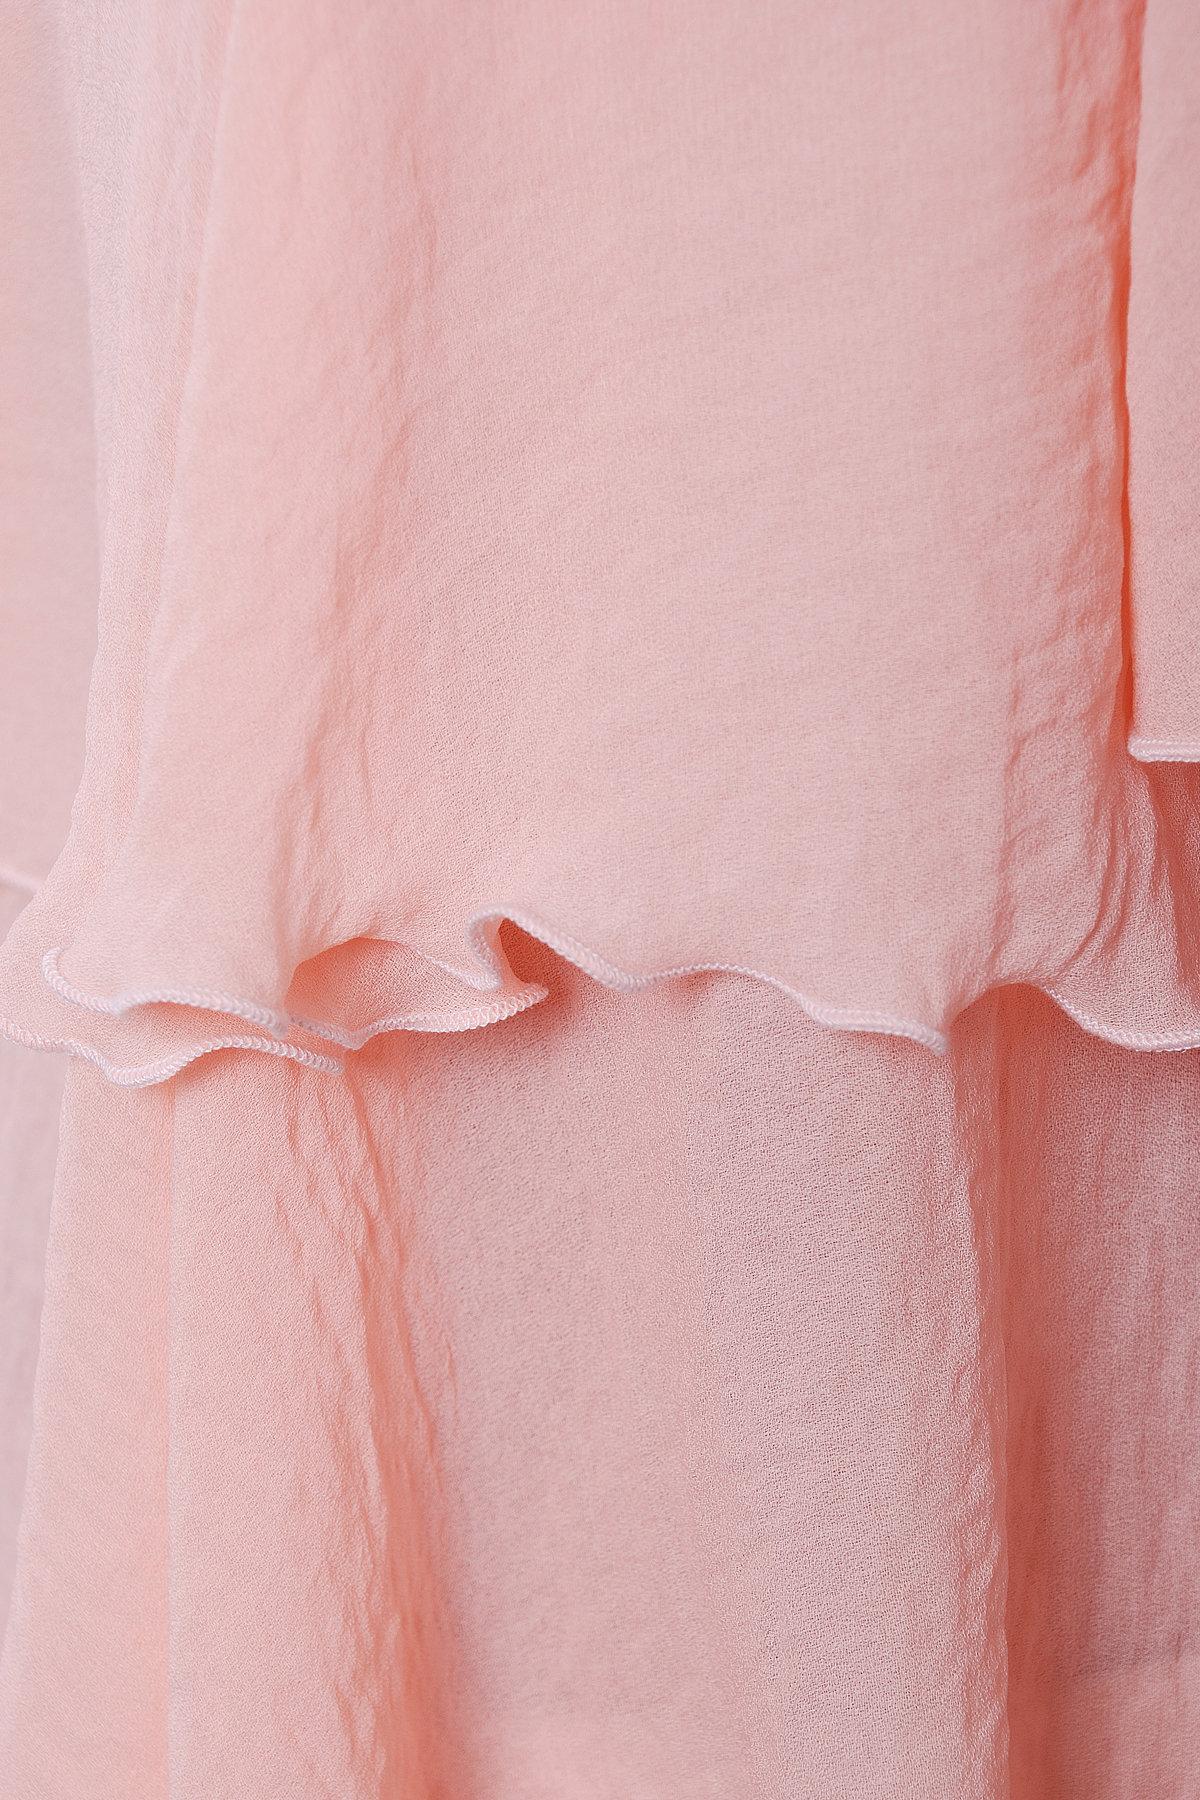 Блуза Юта 3096  АРТ. 16044 Цвет: Персик - фото 3, интернет магазин tm-modus.ru